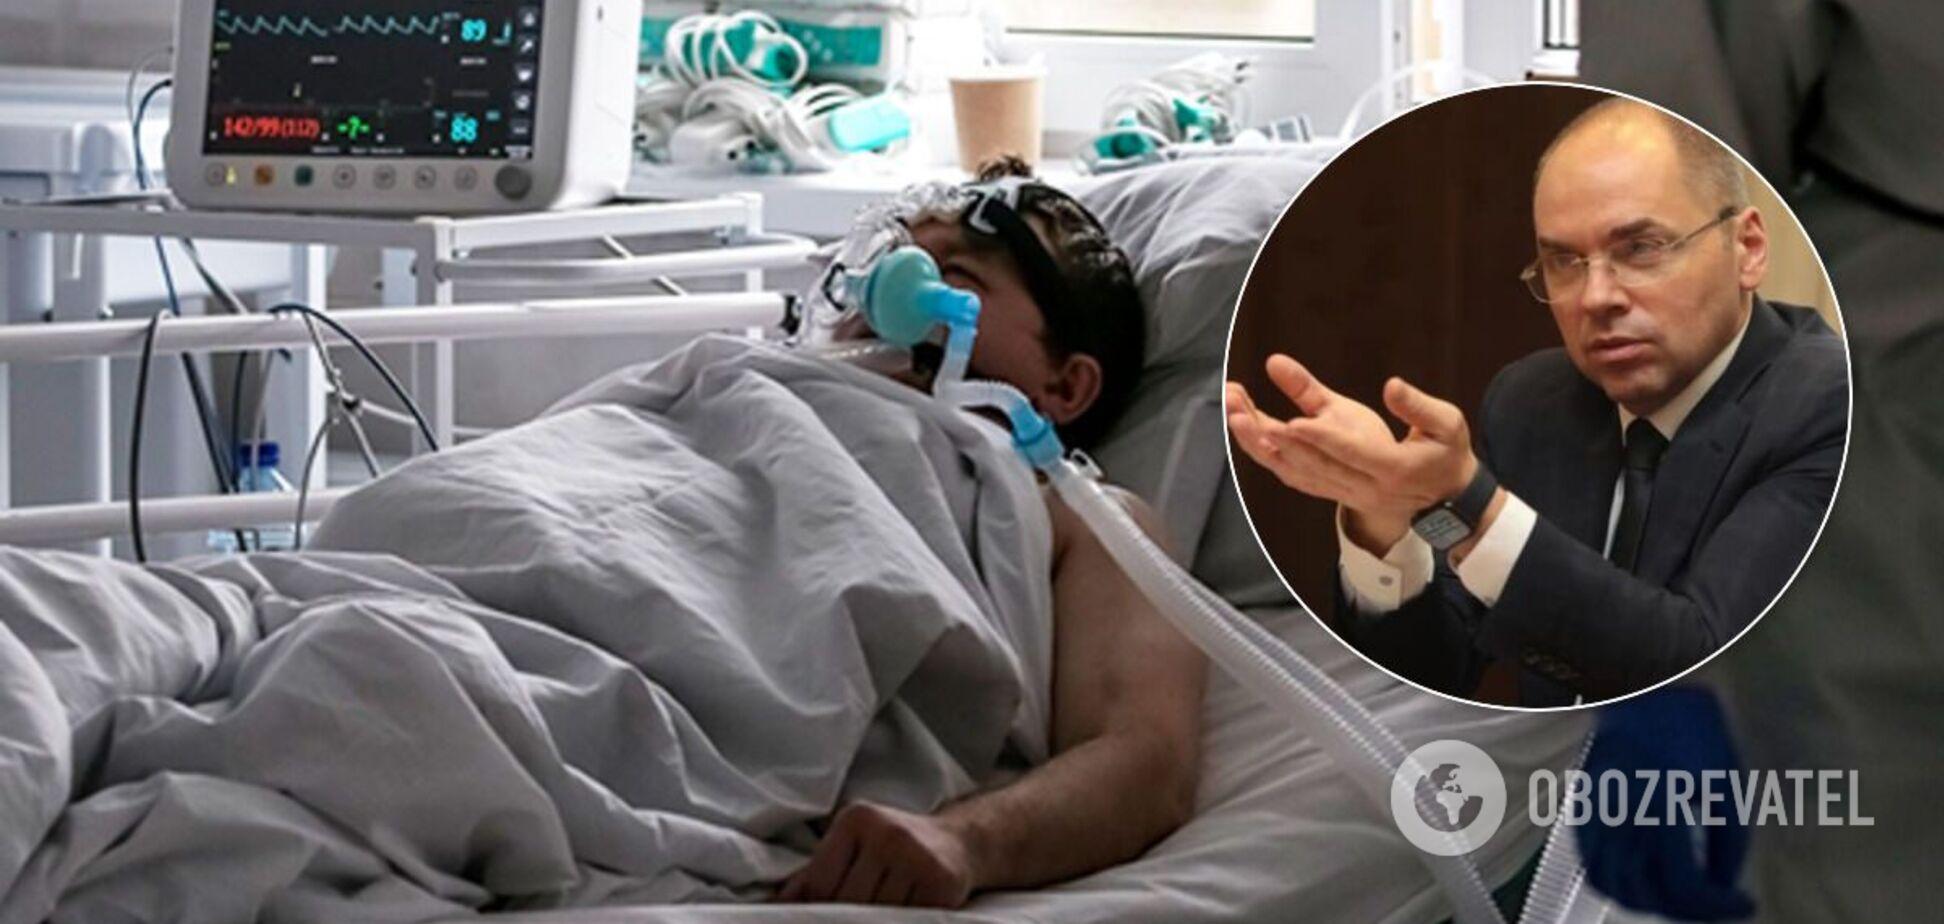 Степанов посоветовал мэрам посмотреть на тяжелых больных COVID-19